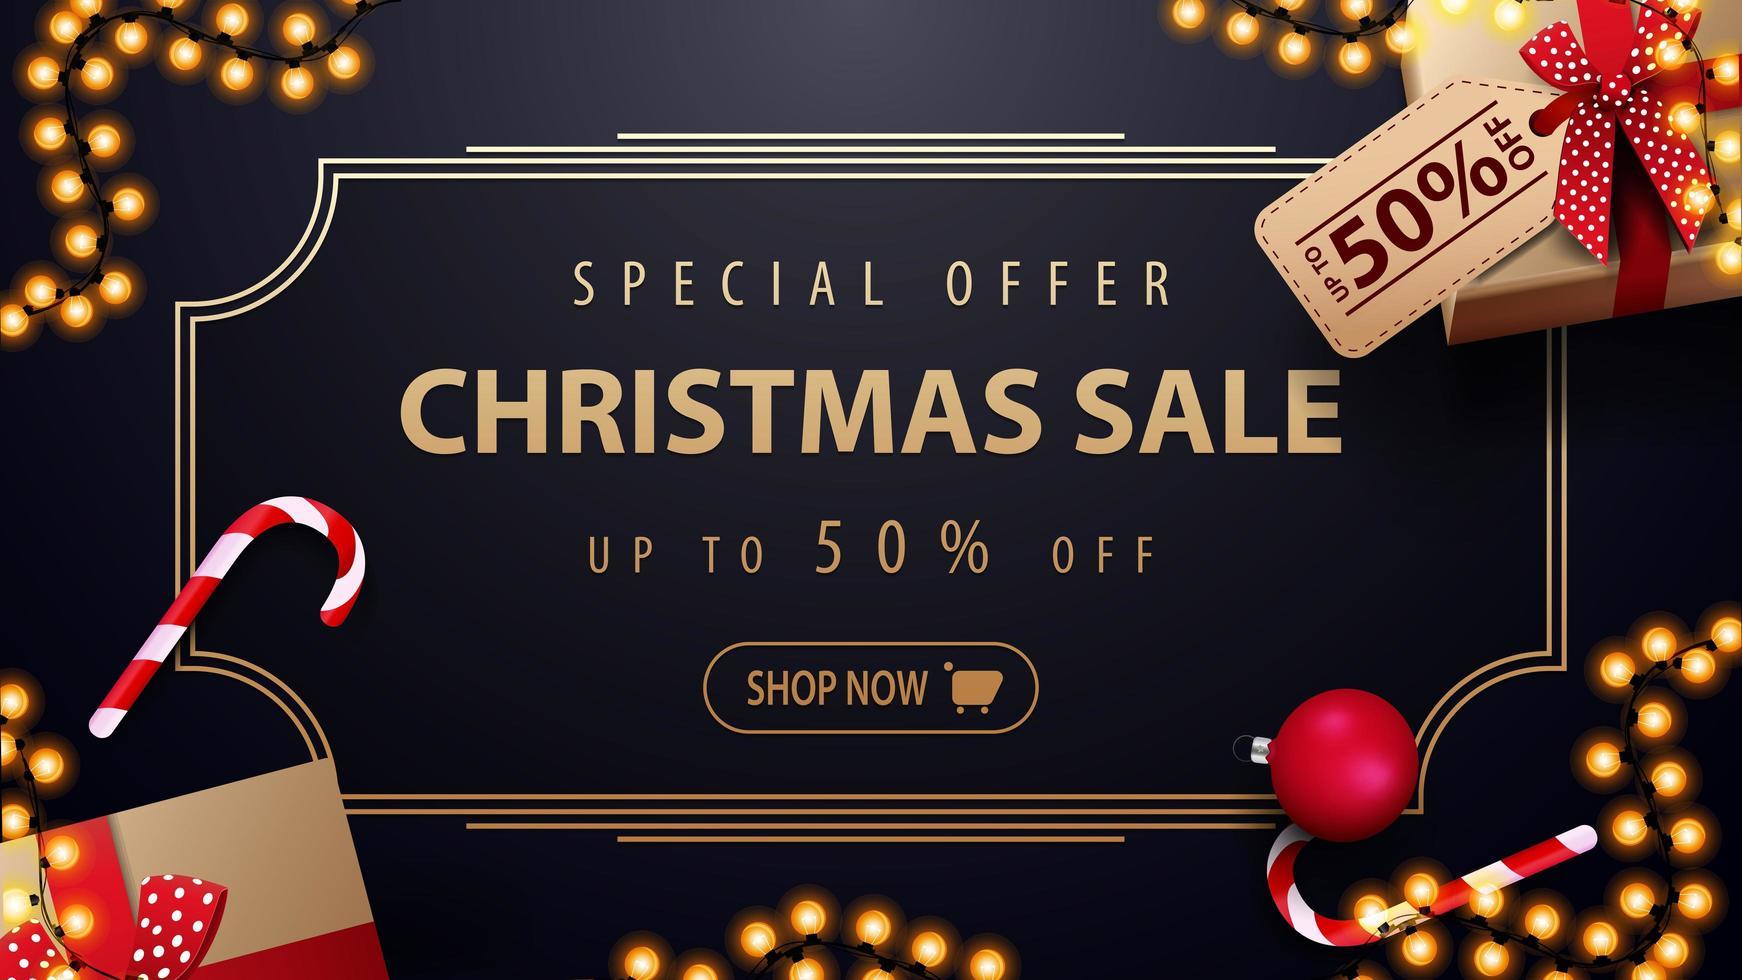 specialerbjudande, julförsäljning, upp till 50 rabatt, mörkblå rabattbanner med krans, guld vintage ram och presenter, ovanifrån vektor